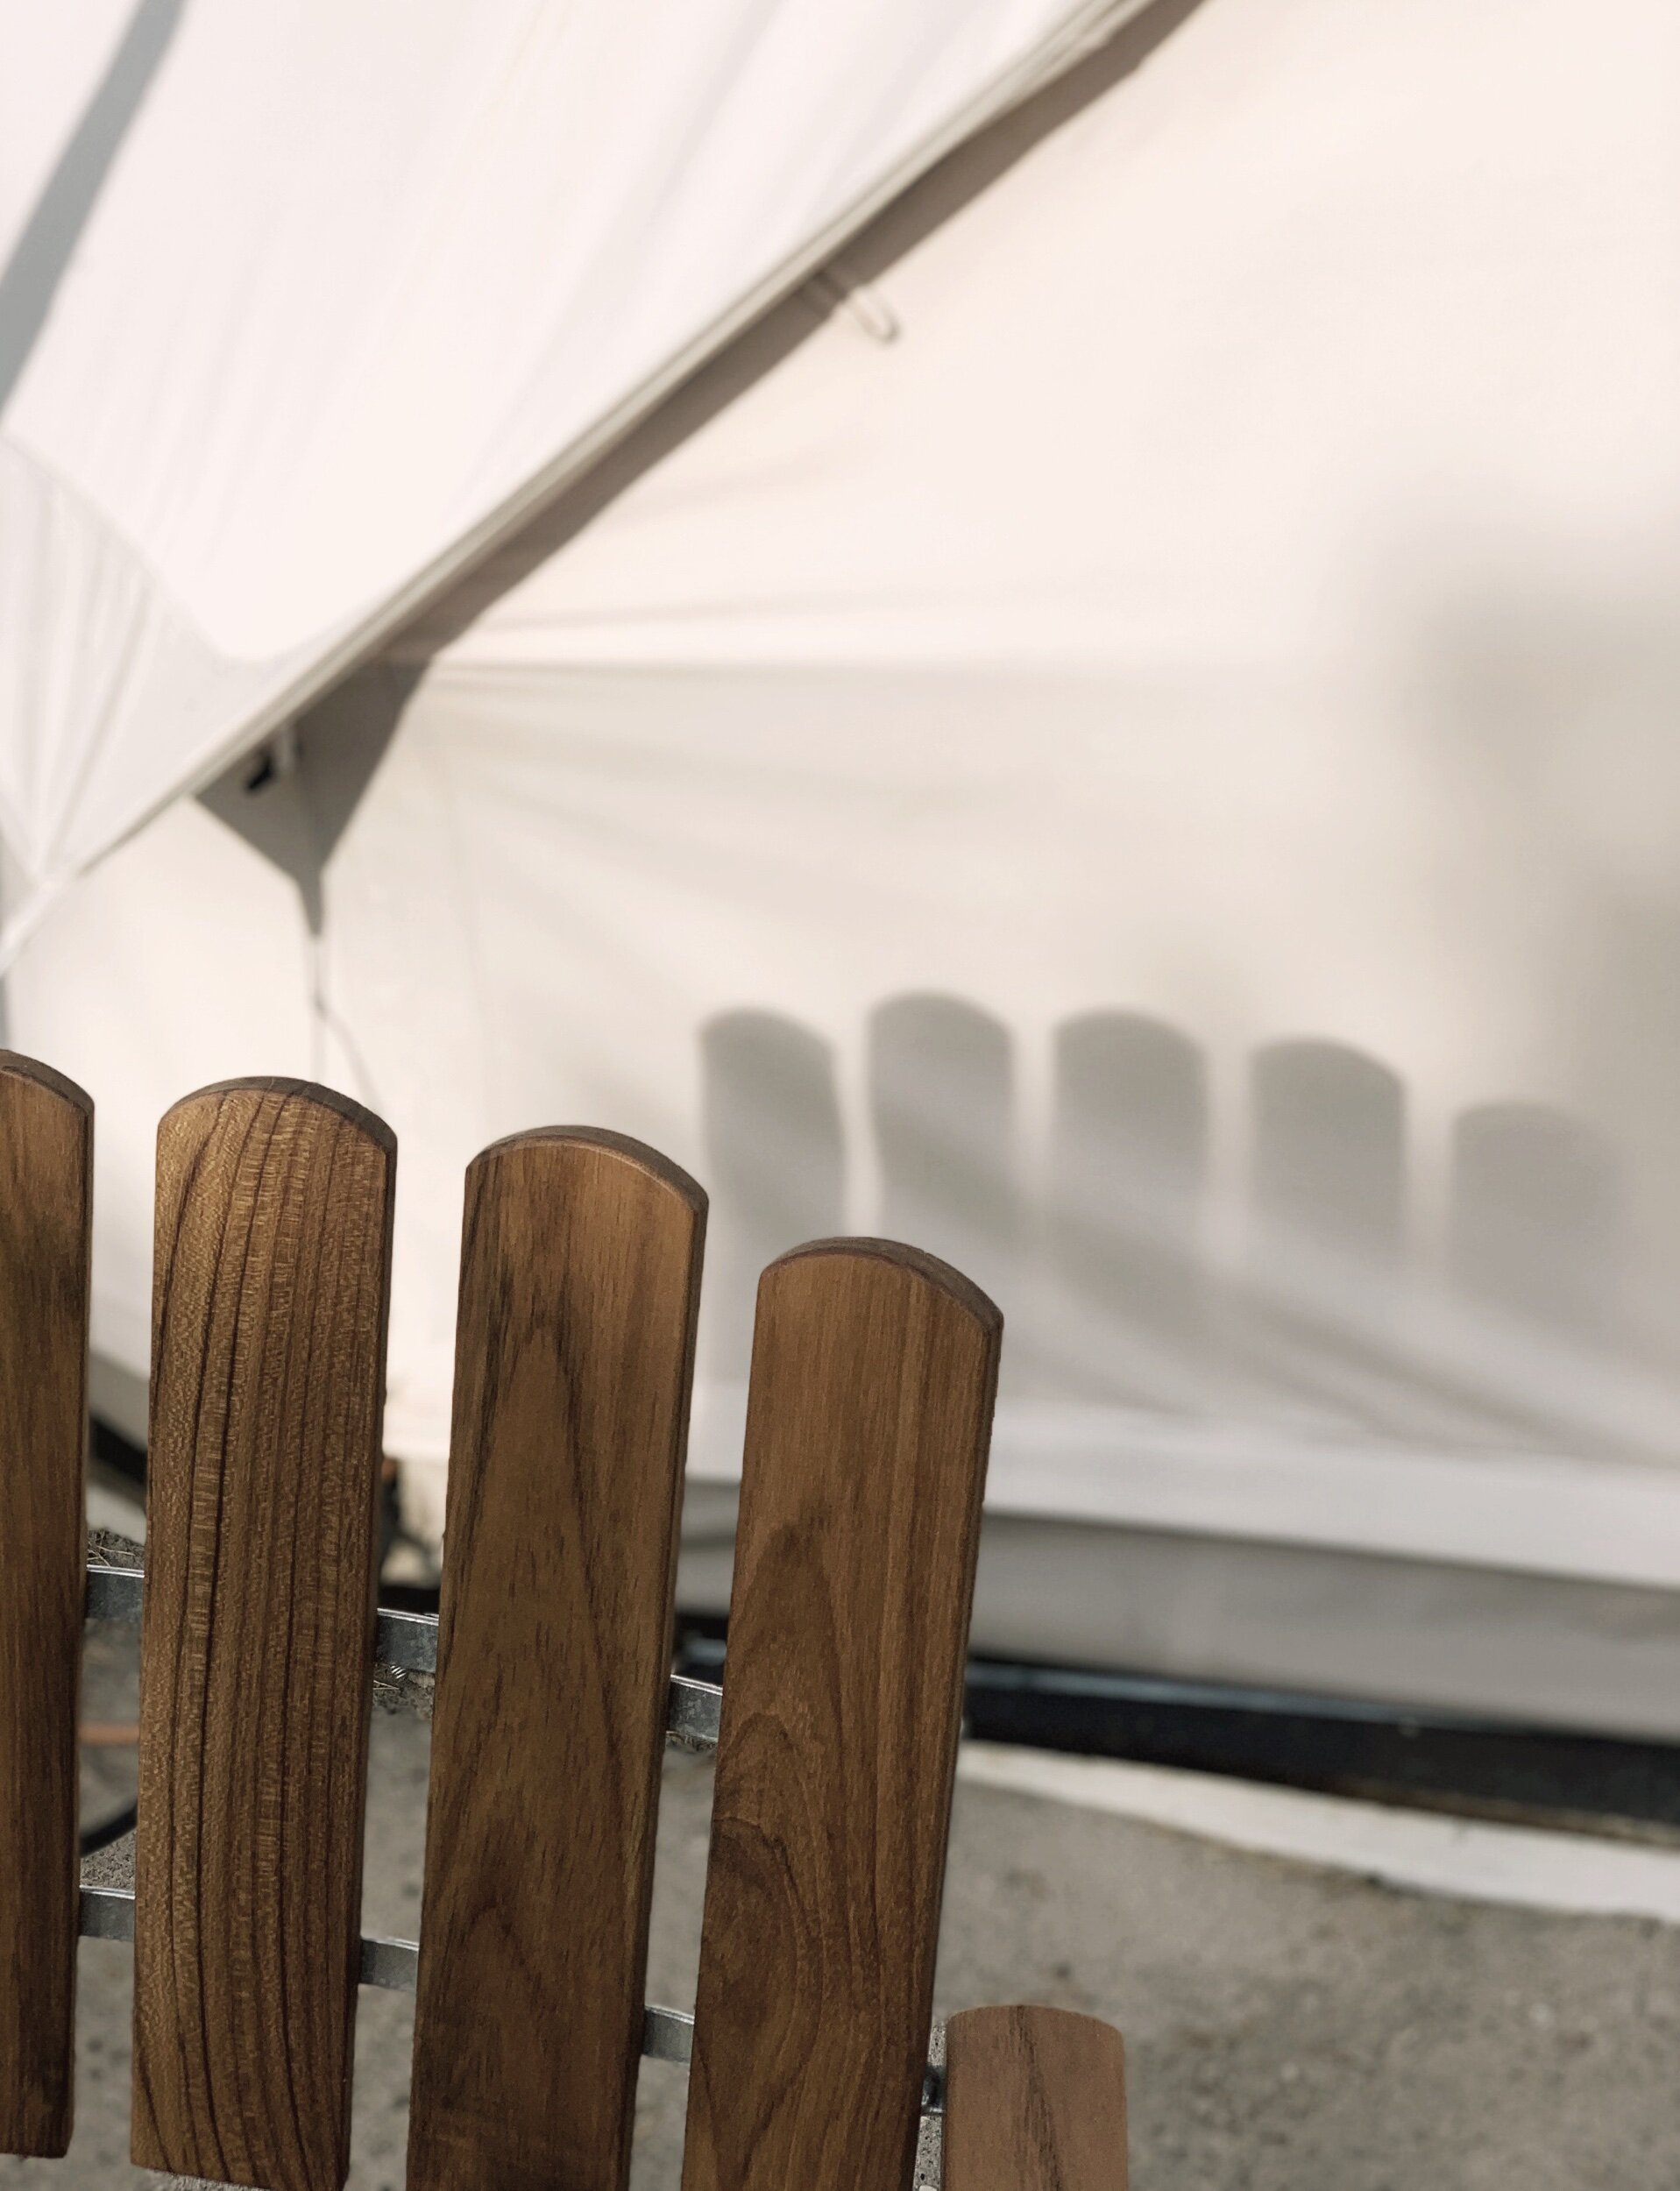 Ägnade nästan hela veckan åt jobb på Gotland för Grythyttan Stålmöbler. Det fina med att arbeta med dessa utemöbler är inte bara att jag verkligen känner starkt för varumärket utan också att vi genom det får vistas på fantastiska platser nära naturens mest energigivande väsen. Det är jag tacksam för och det gör mig och teamet så gott!!  Att vi fick bo i   Linas   sommarhus på Bungenäs var verkligen en fröjd. Så himla generöst av henne att ge oss den lyxiga bekvämligheten. Om ni är mer nyfikna på hur det ser ut så kan jag tipsa om att det är med i nya numret av Lantliv.